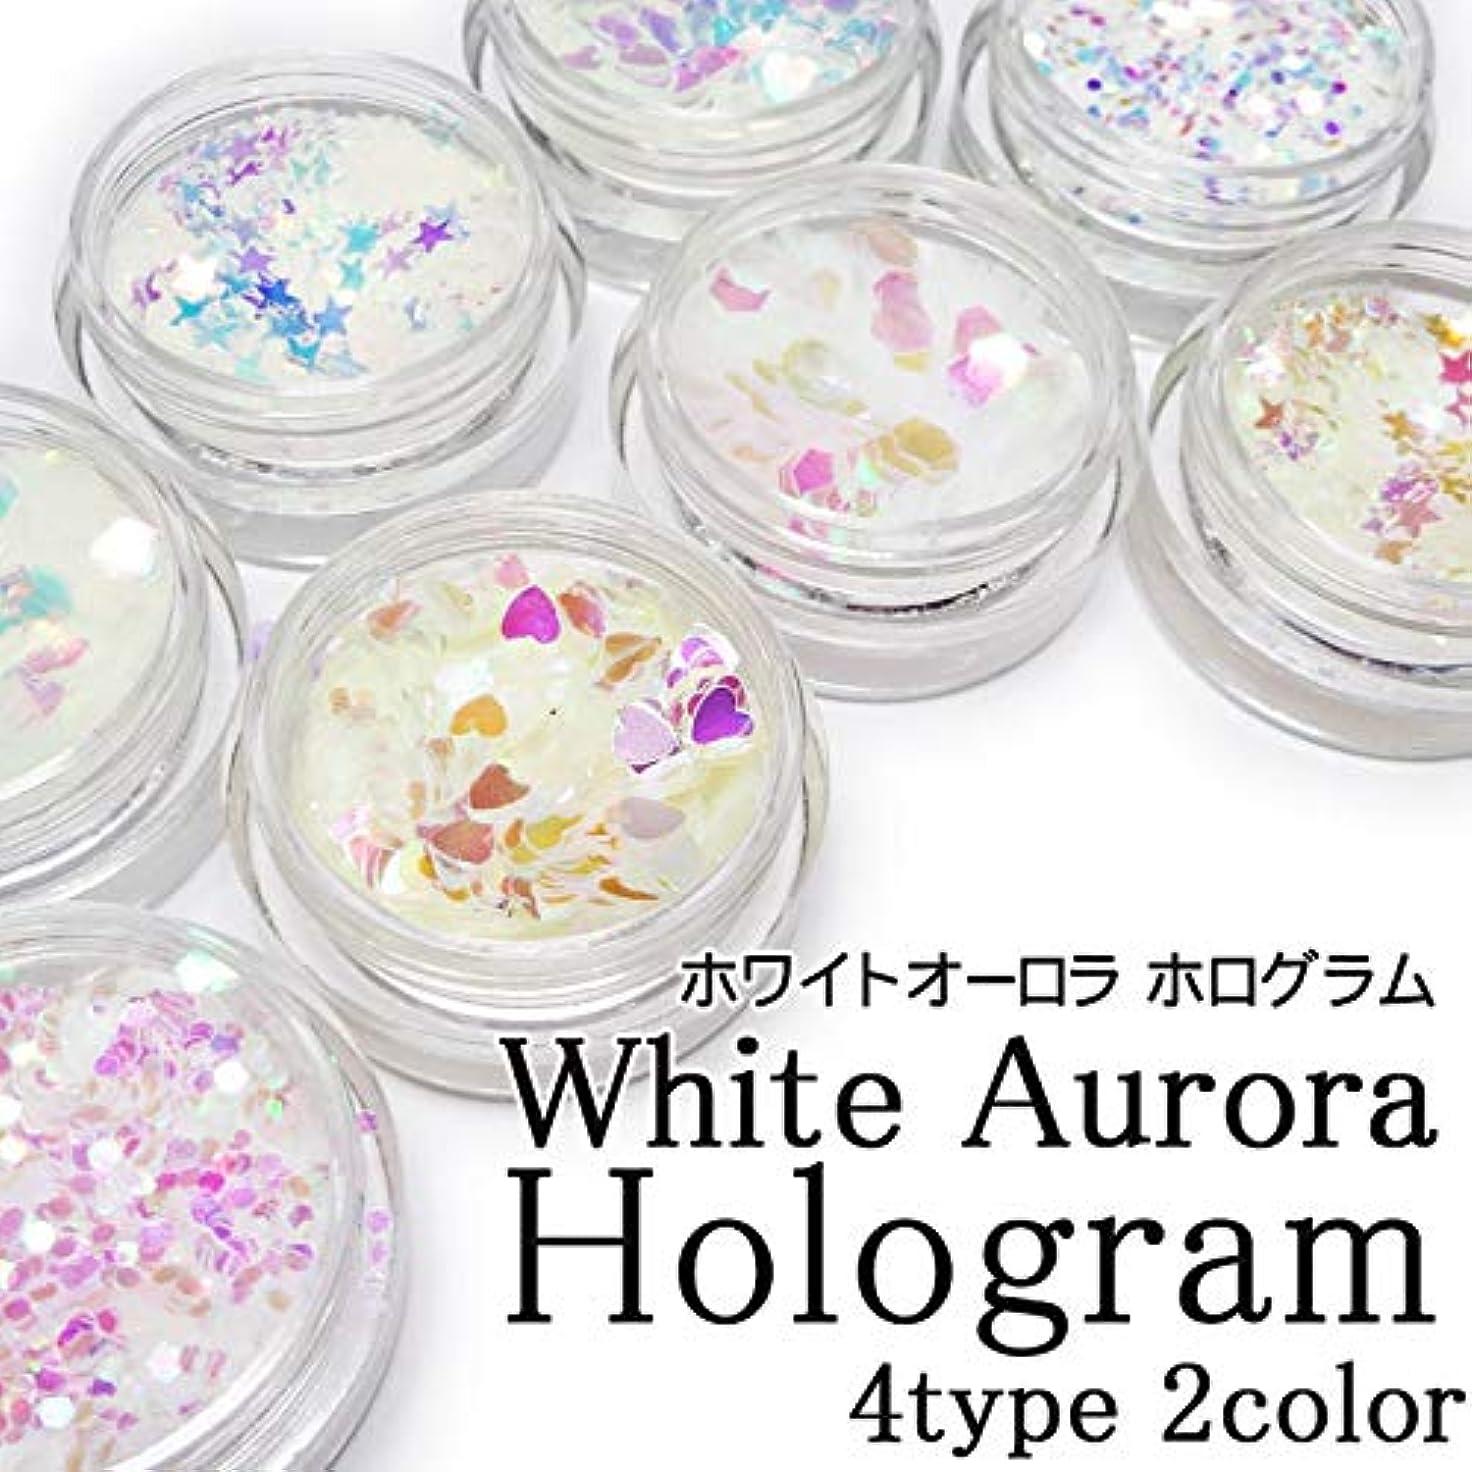 逆にグリップ連続したホワイトオーロラ ホログラム(ケース入り)約1g前後入り 各種 (ピンク, 4.ハート)